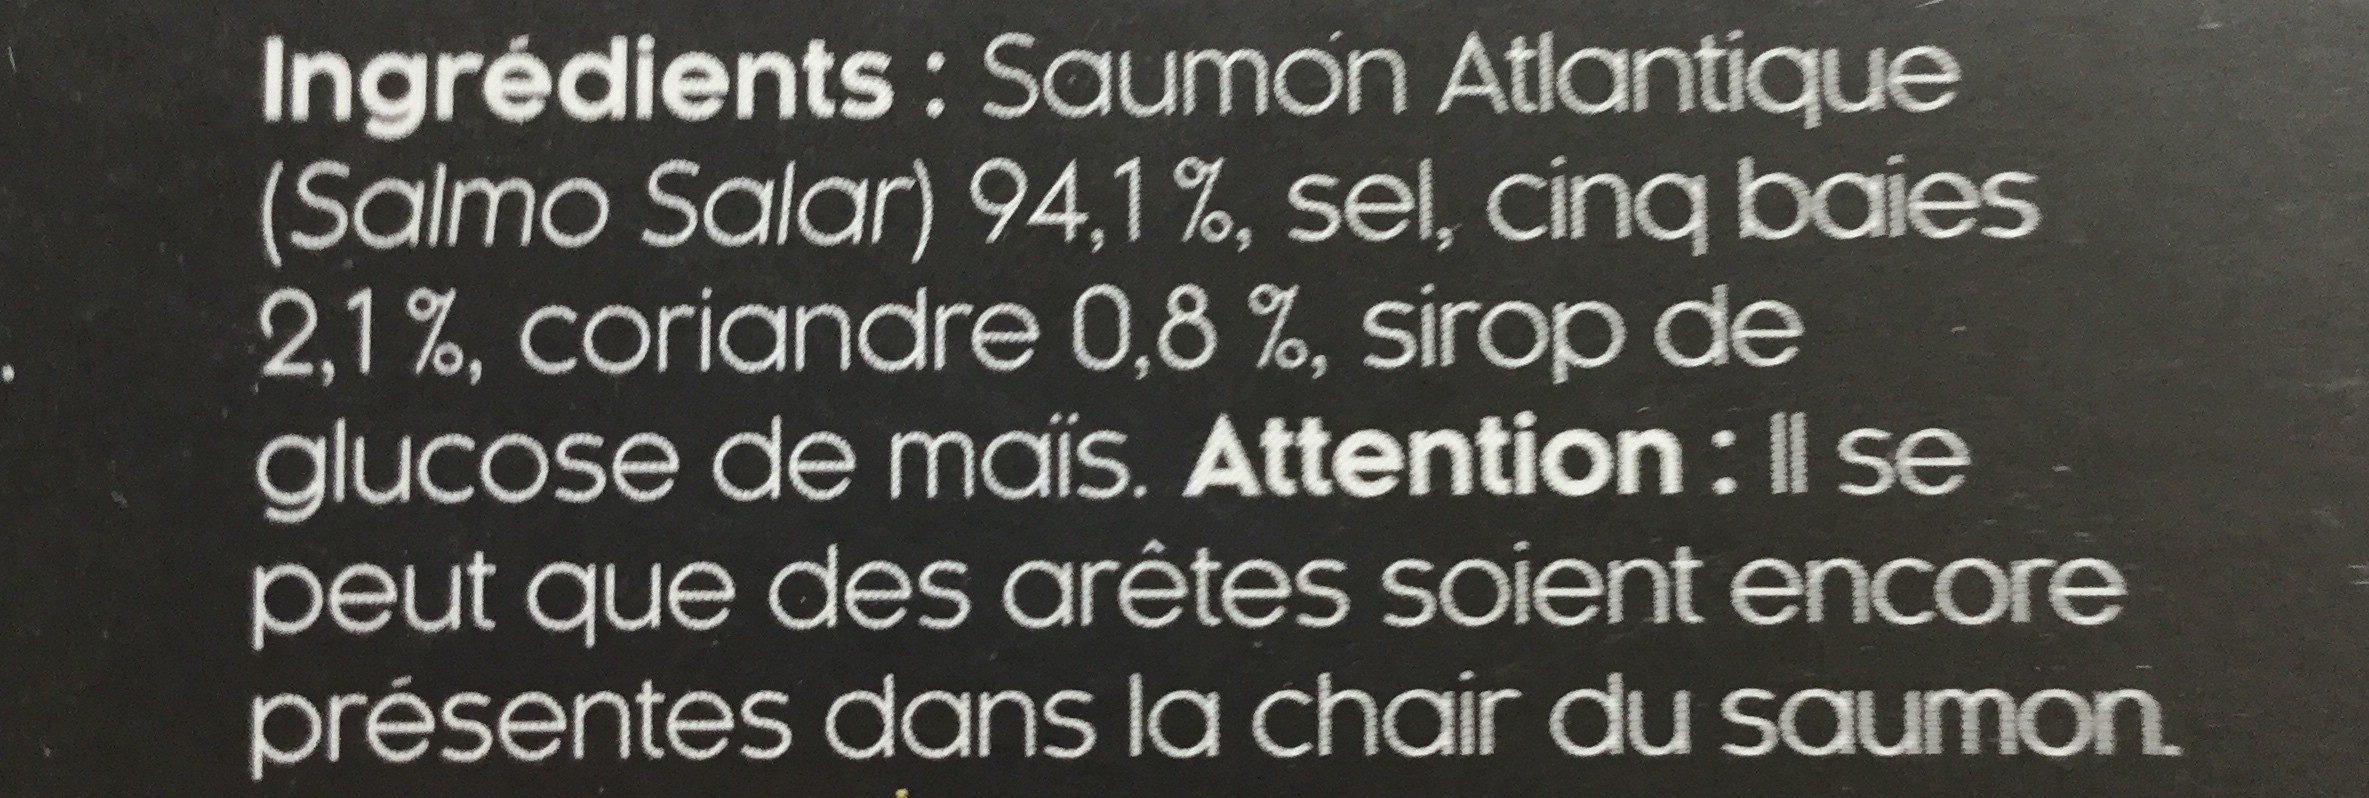 Lamelles de Saumon Fumé 5 baies & Coriandre - Ingrédients - fr